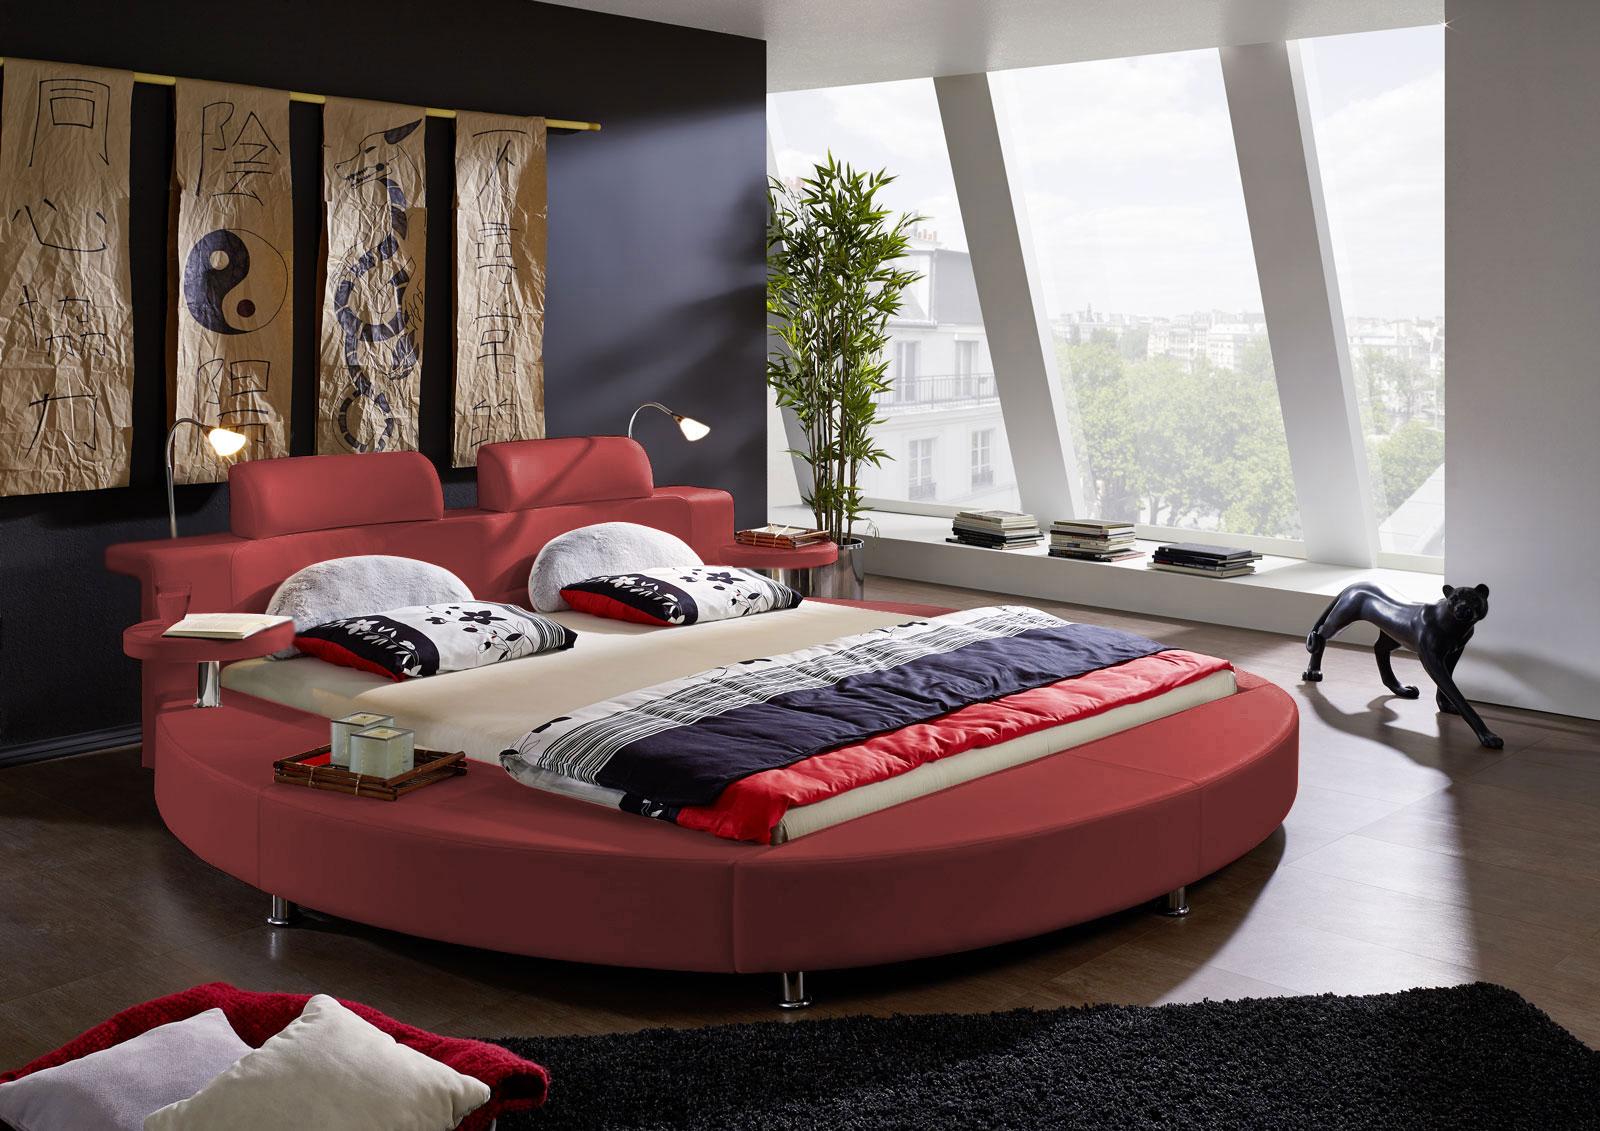 sam rundbett doppelbett 180 x 200 cm 2 lampen rot. Black Bedroom Furniture Sets. Home Design Ideas